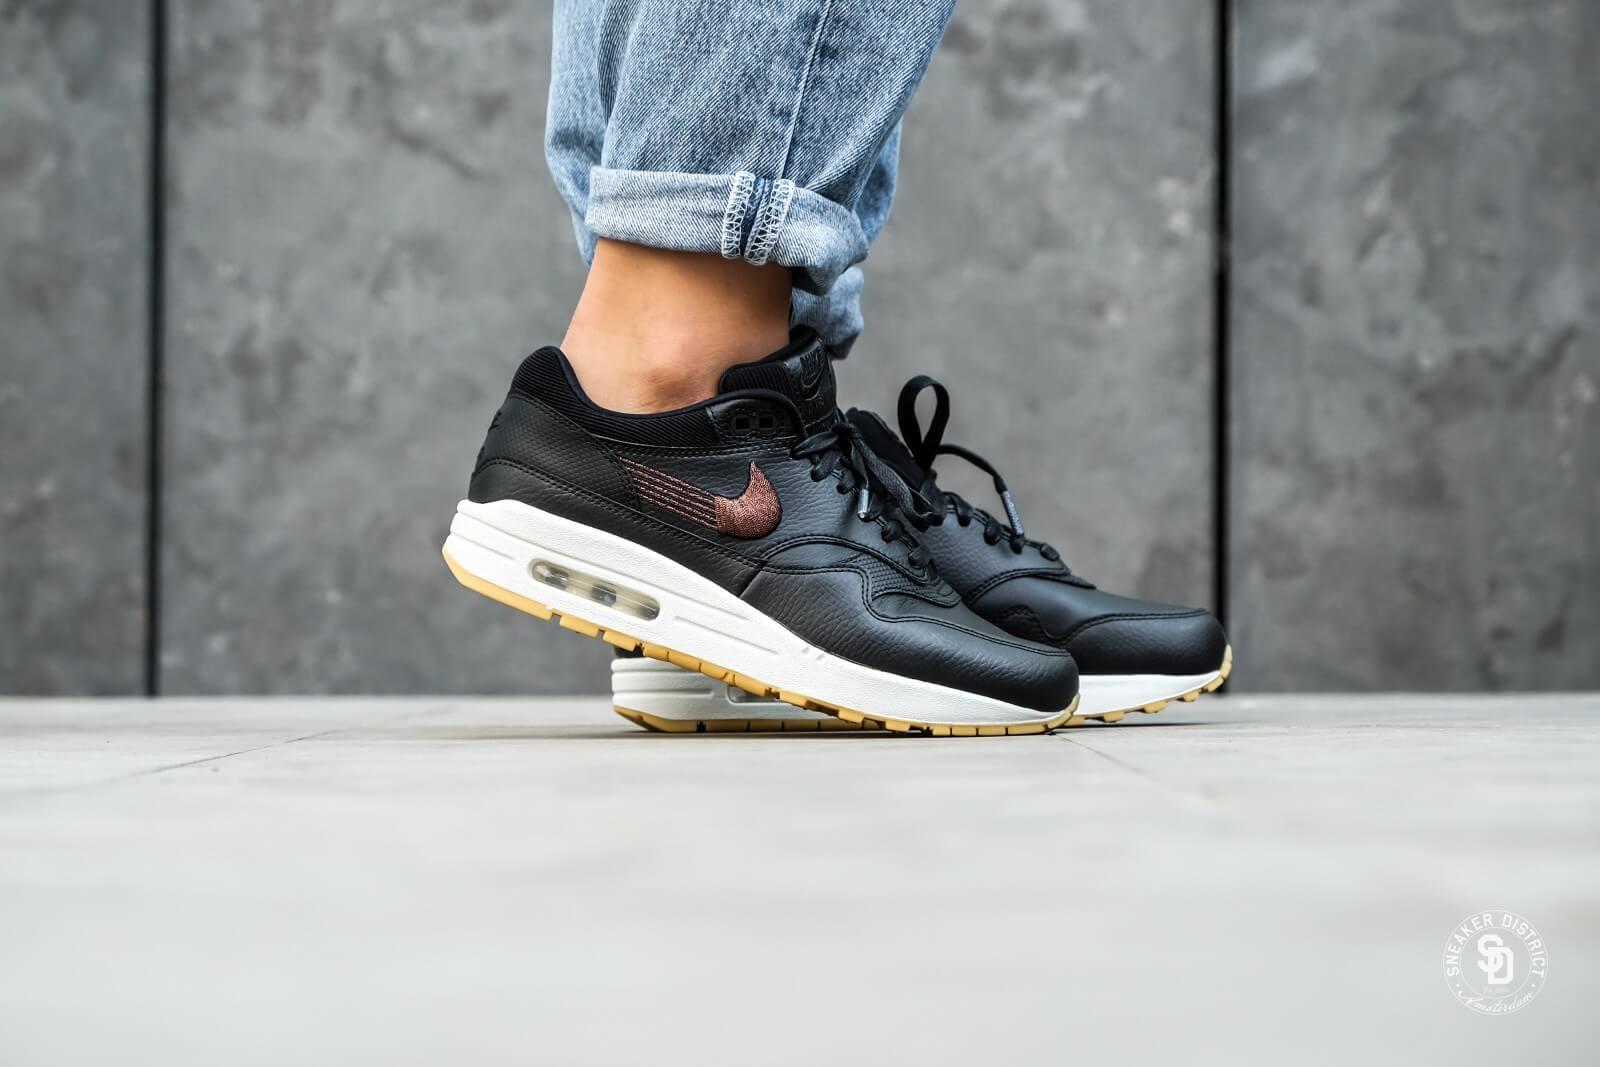 Nike Women's Air Max 1 Premium Black